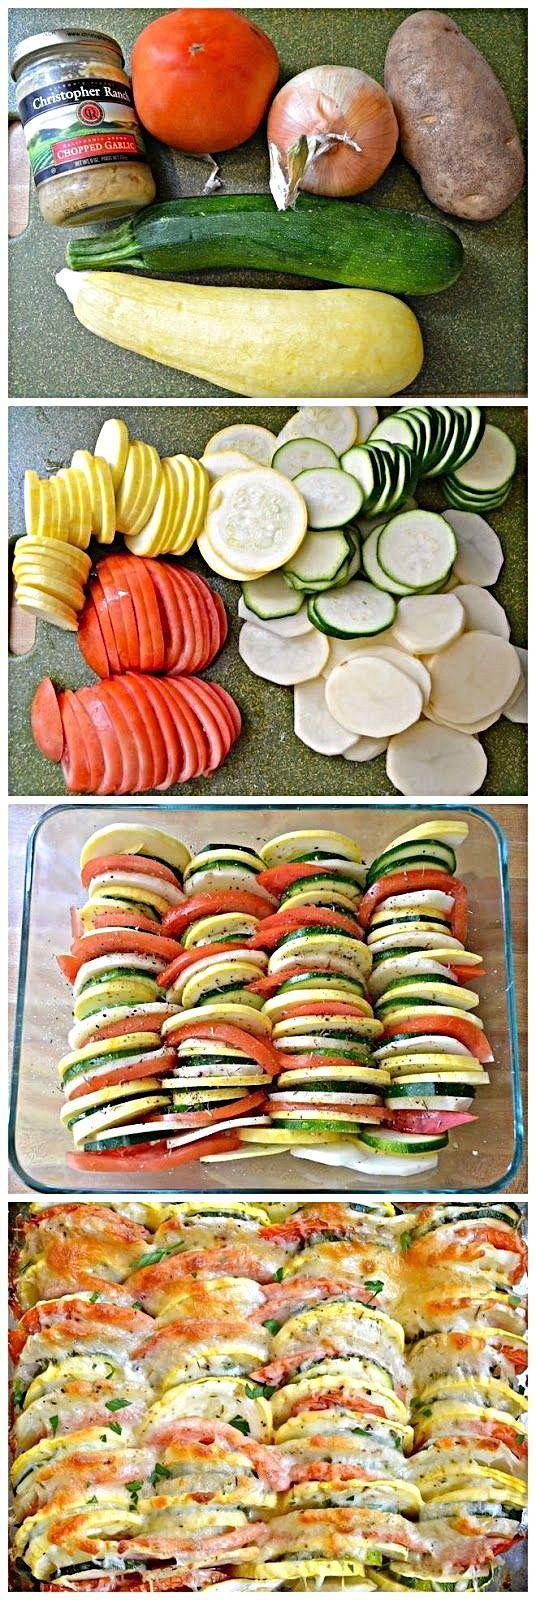 Sommergemüse Tian Kartoffeln, Zwiebeln, Kürbis, Zucchini, Tomaten ... in Scheiben geschnitten, mit Gewürzen und Parmesan belegt -